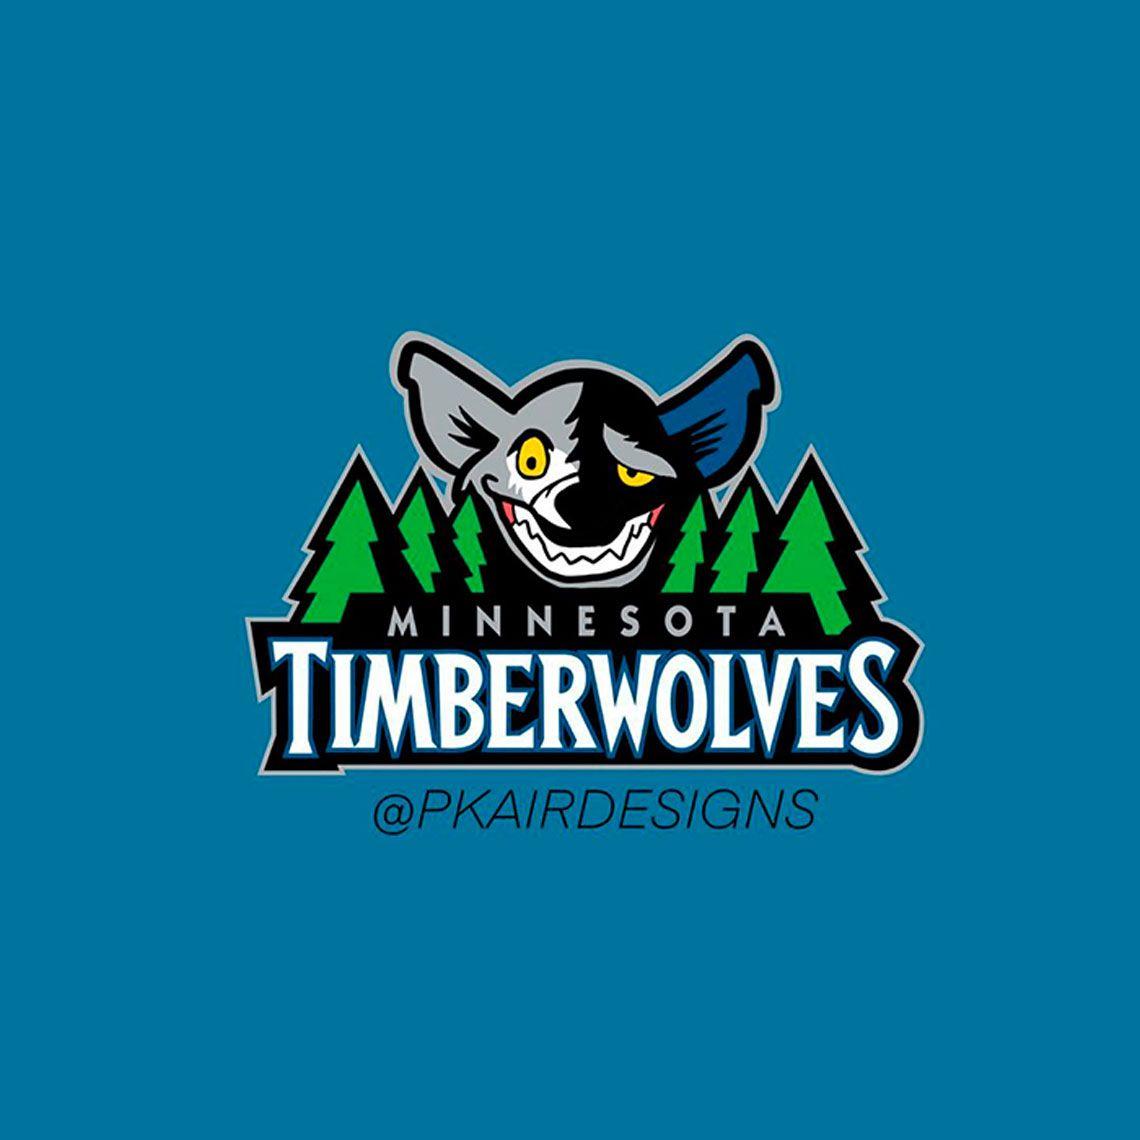 Así se verían los logos de los equipos de la NBA con personajes de Disney